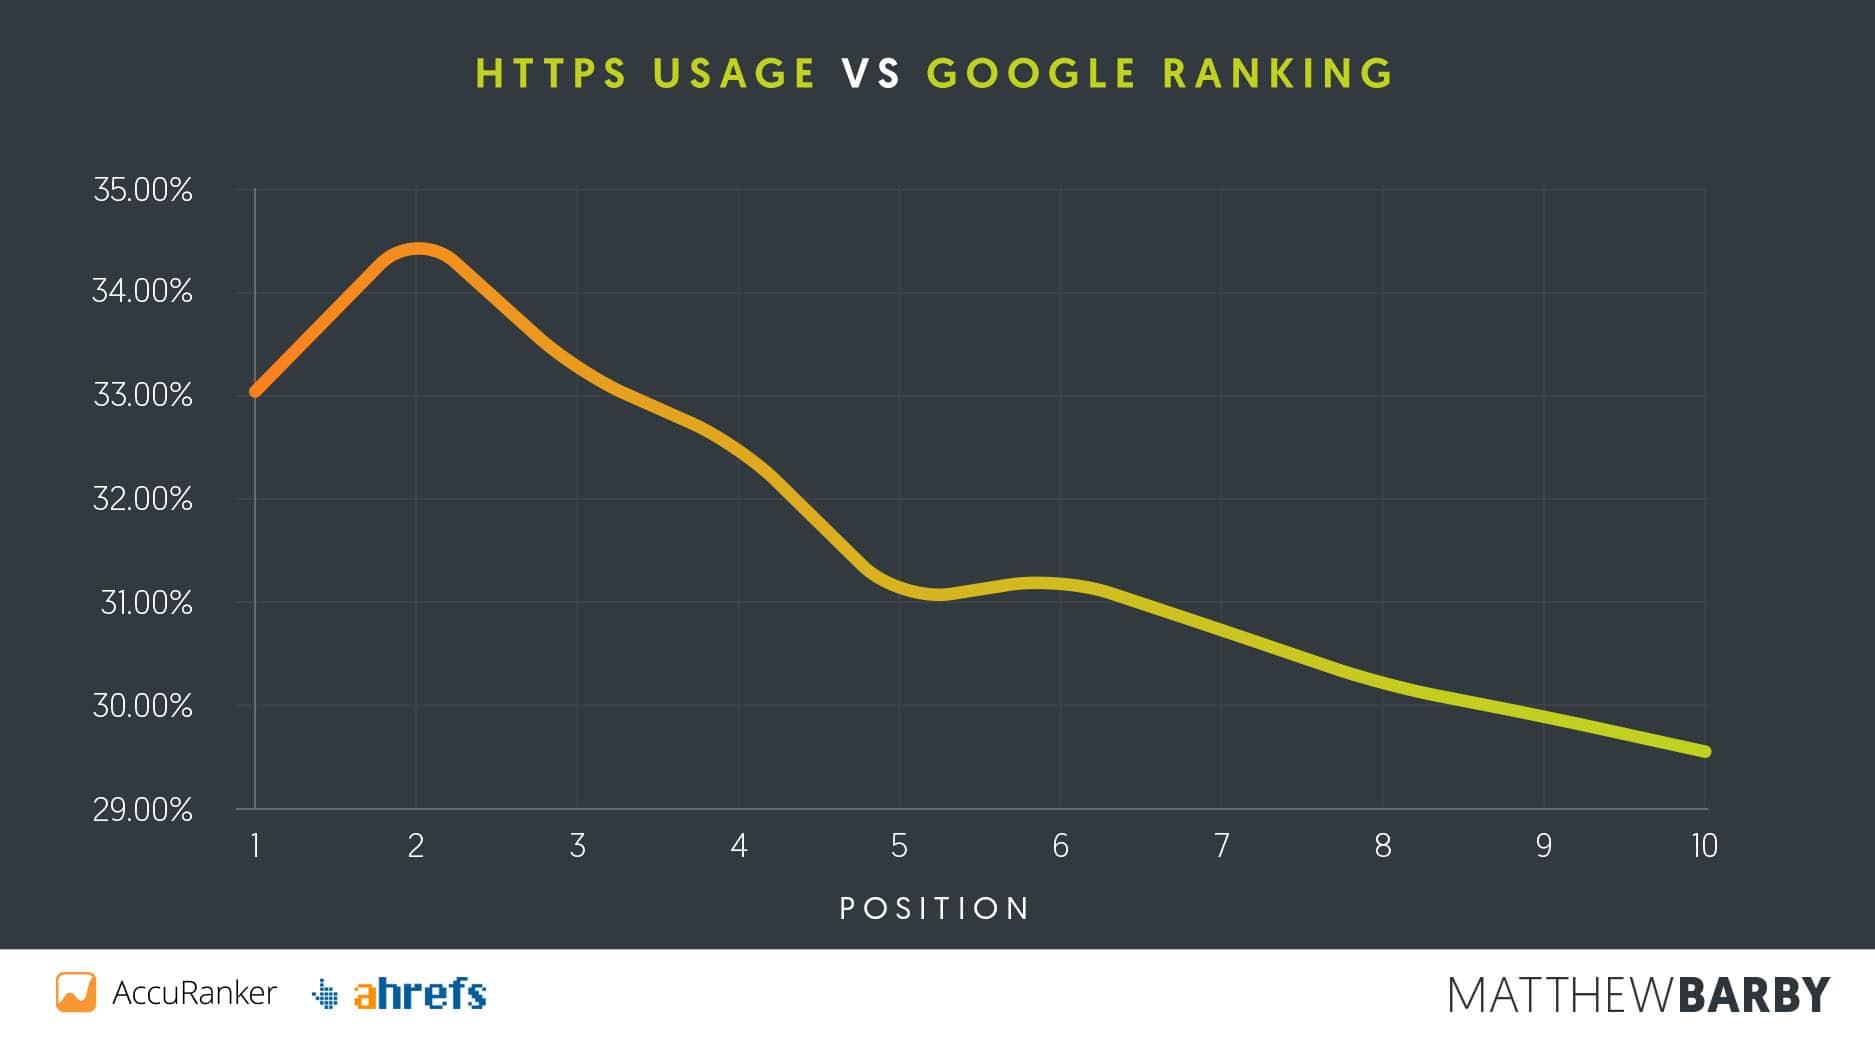 HTTPS brug vs Google ranking